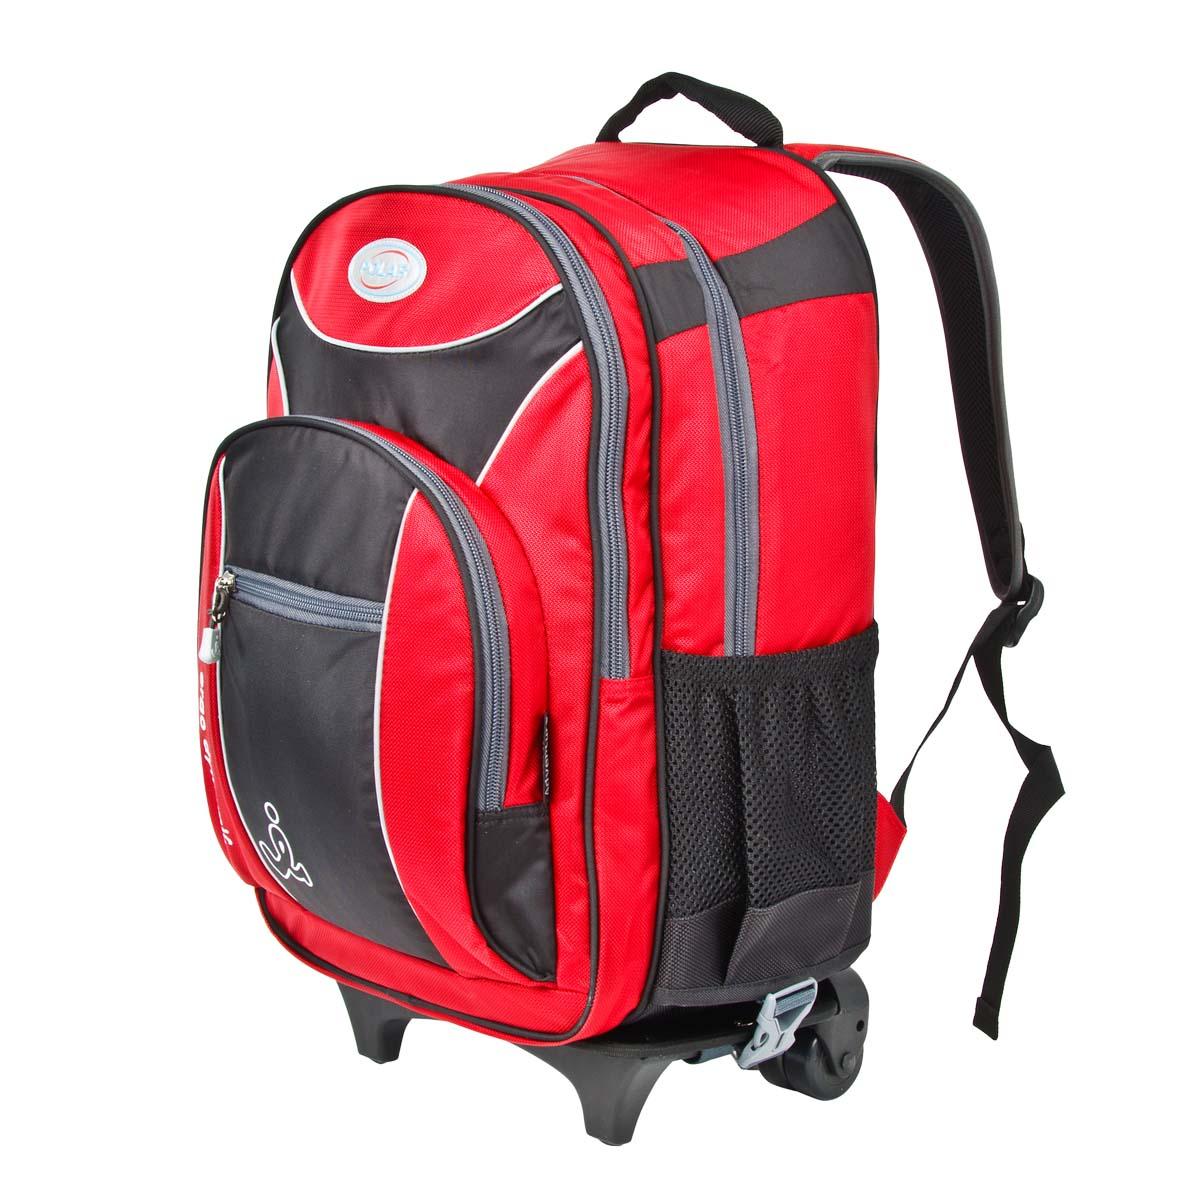 Рюкзак детский городской Polar, 21,5 л, цвет: красный. П382-01П382-01Школьный рюкзак Polar идет в комплекте со съемной тележкой на колесах. Рюкзак легко отстегивается от тележки. У рюкзака 3 отделения и несколько карманов для мелких принадлежностей. В большом отделение жесткая папка для тетрадей А4. Полумягкое дно для безопасности ношения. С обеих сторон имеются карманы для бутылок с водой. Светоотражатели спереди и сзади школьного ранца. Выдвижная ручка фиксируется в двух положениях. Выдвигается на 48 см. Прочные колесики. Подходит для 1-6 классов.